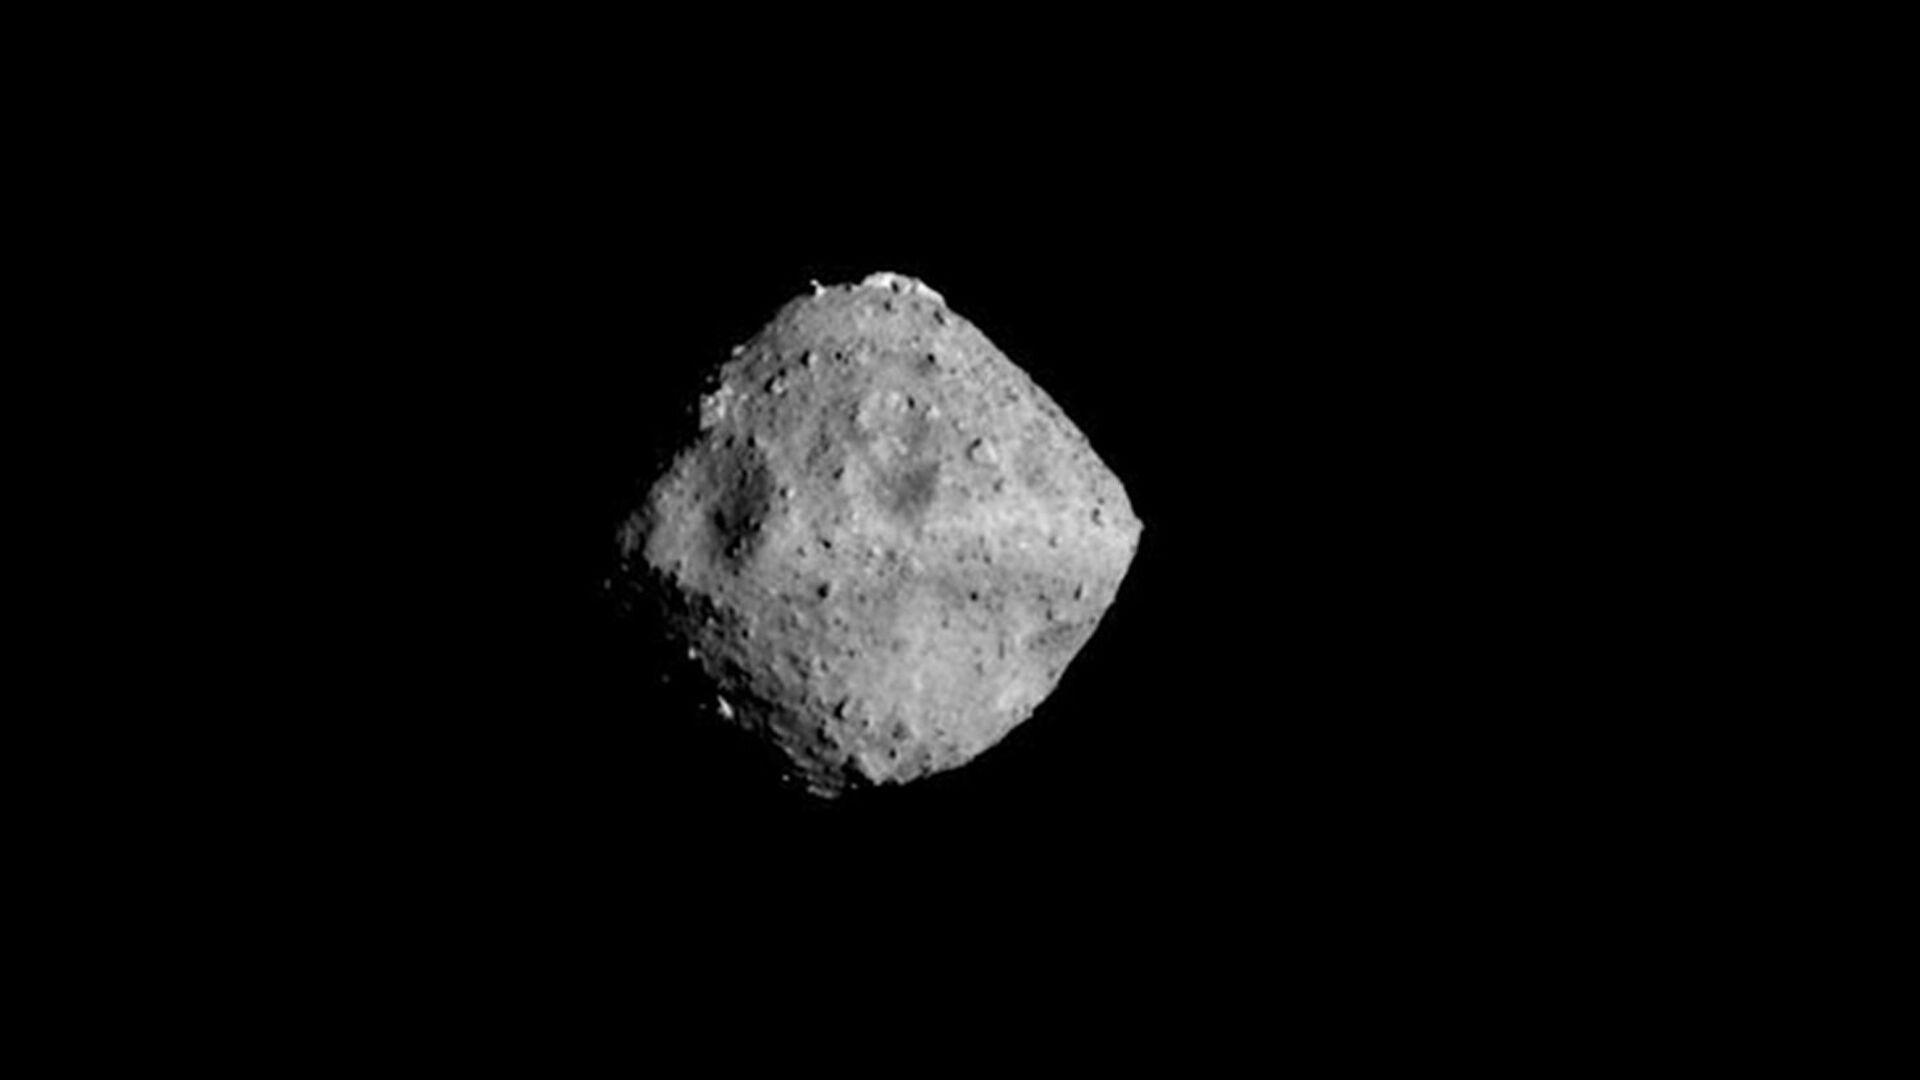 Астероид - РИА Новости, 1920, 18.01.2020